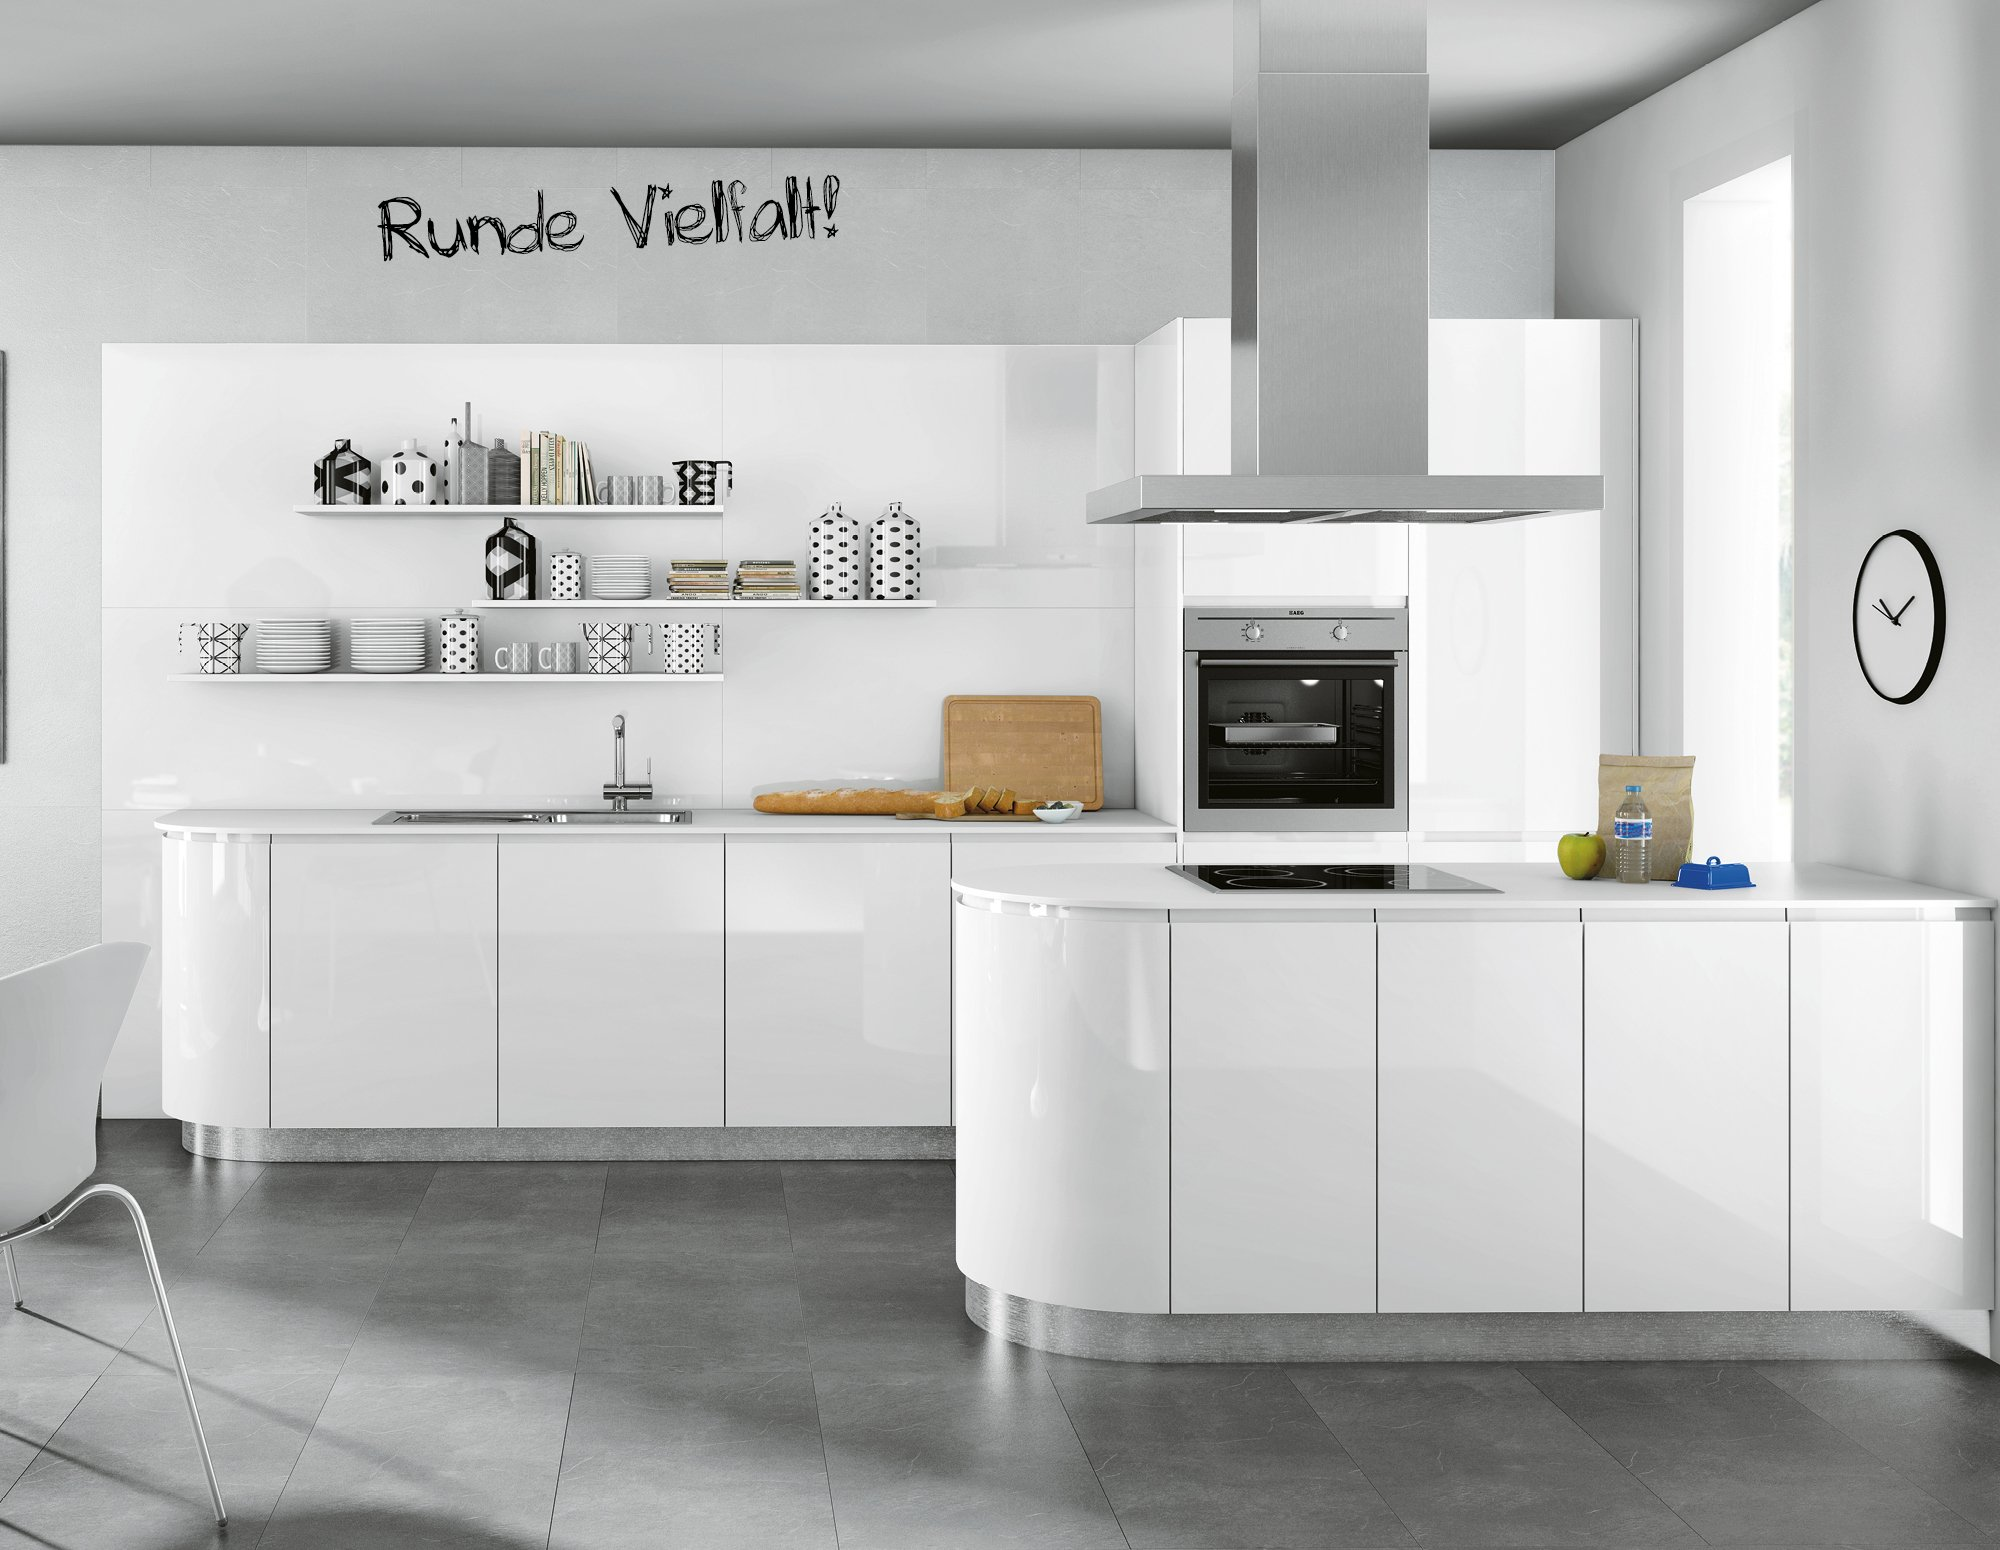 Full Size of Wie Weiße Hochglanz Küche Reinigen Hochglanz Küche Ja Oder Nein Weiße Hochglanz Küche Putzen Hochglanz Küche Zu Verkaufen Küche Hochglanz Küche